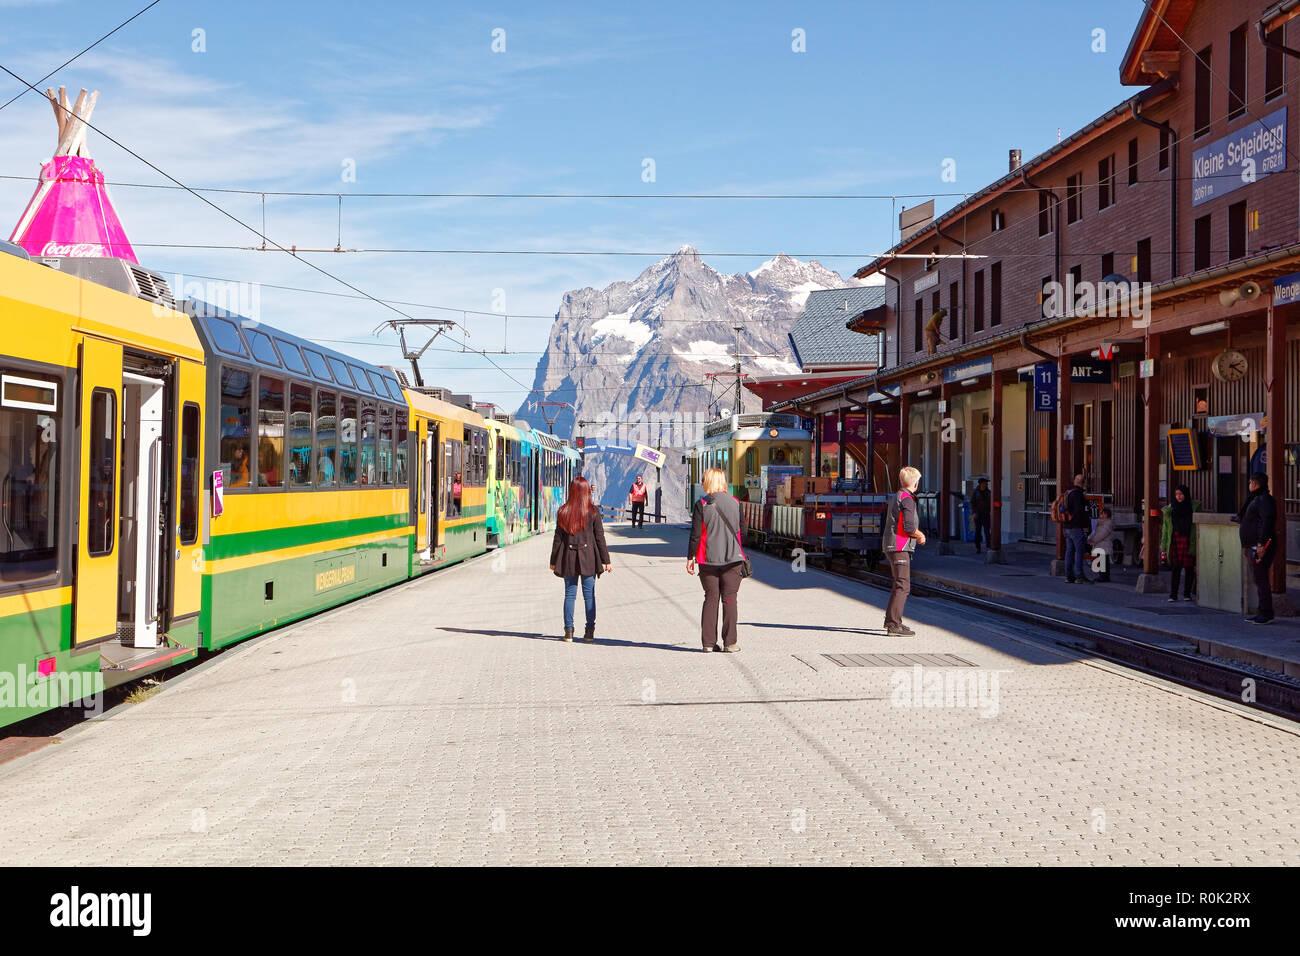 Kleine Scheidegg, Jungfrau Region, Schweiz - Oktober 9, 2018: Besetzt Bahnhof Kleine Scheidegg mit Wetterhorn im Hintergrund und Touristen headi Stockbild